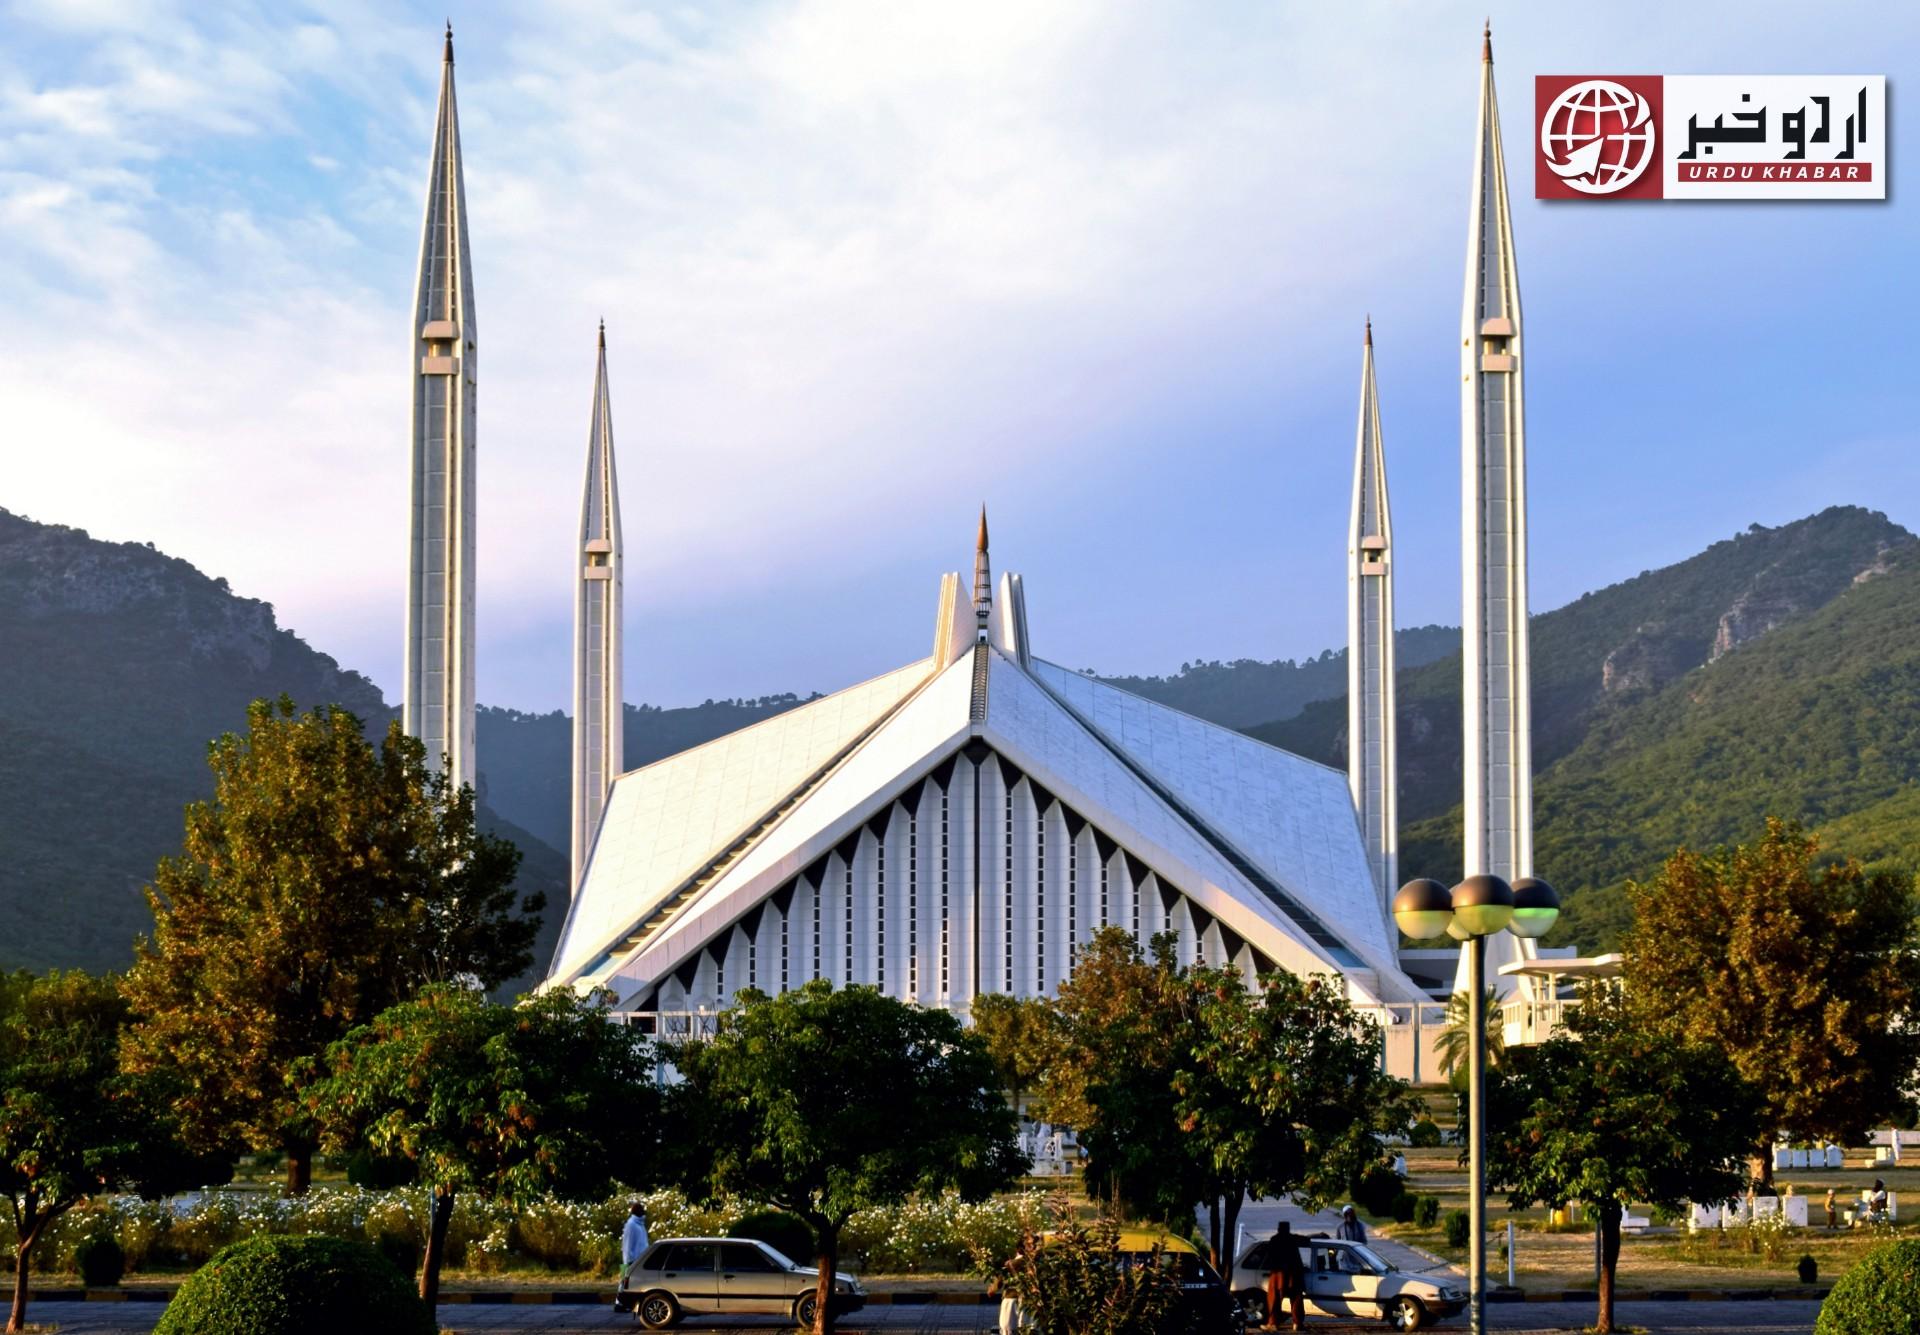 اسلام آباد: ایس او پیز پر عملدرآمد نا کرنے پر انتظامیہ کا ایکشن